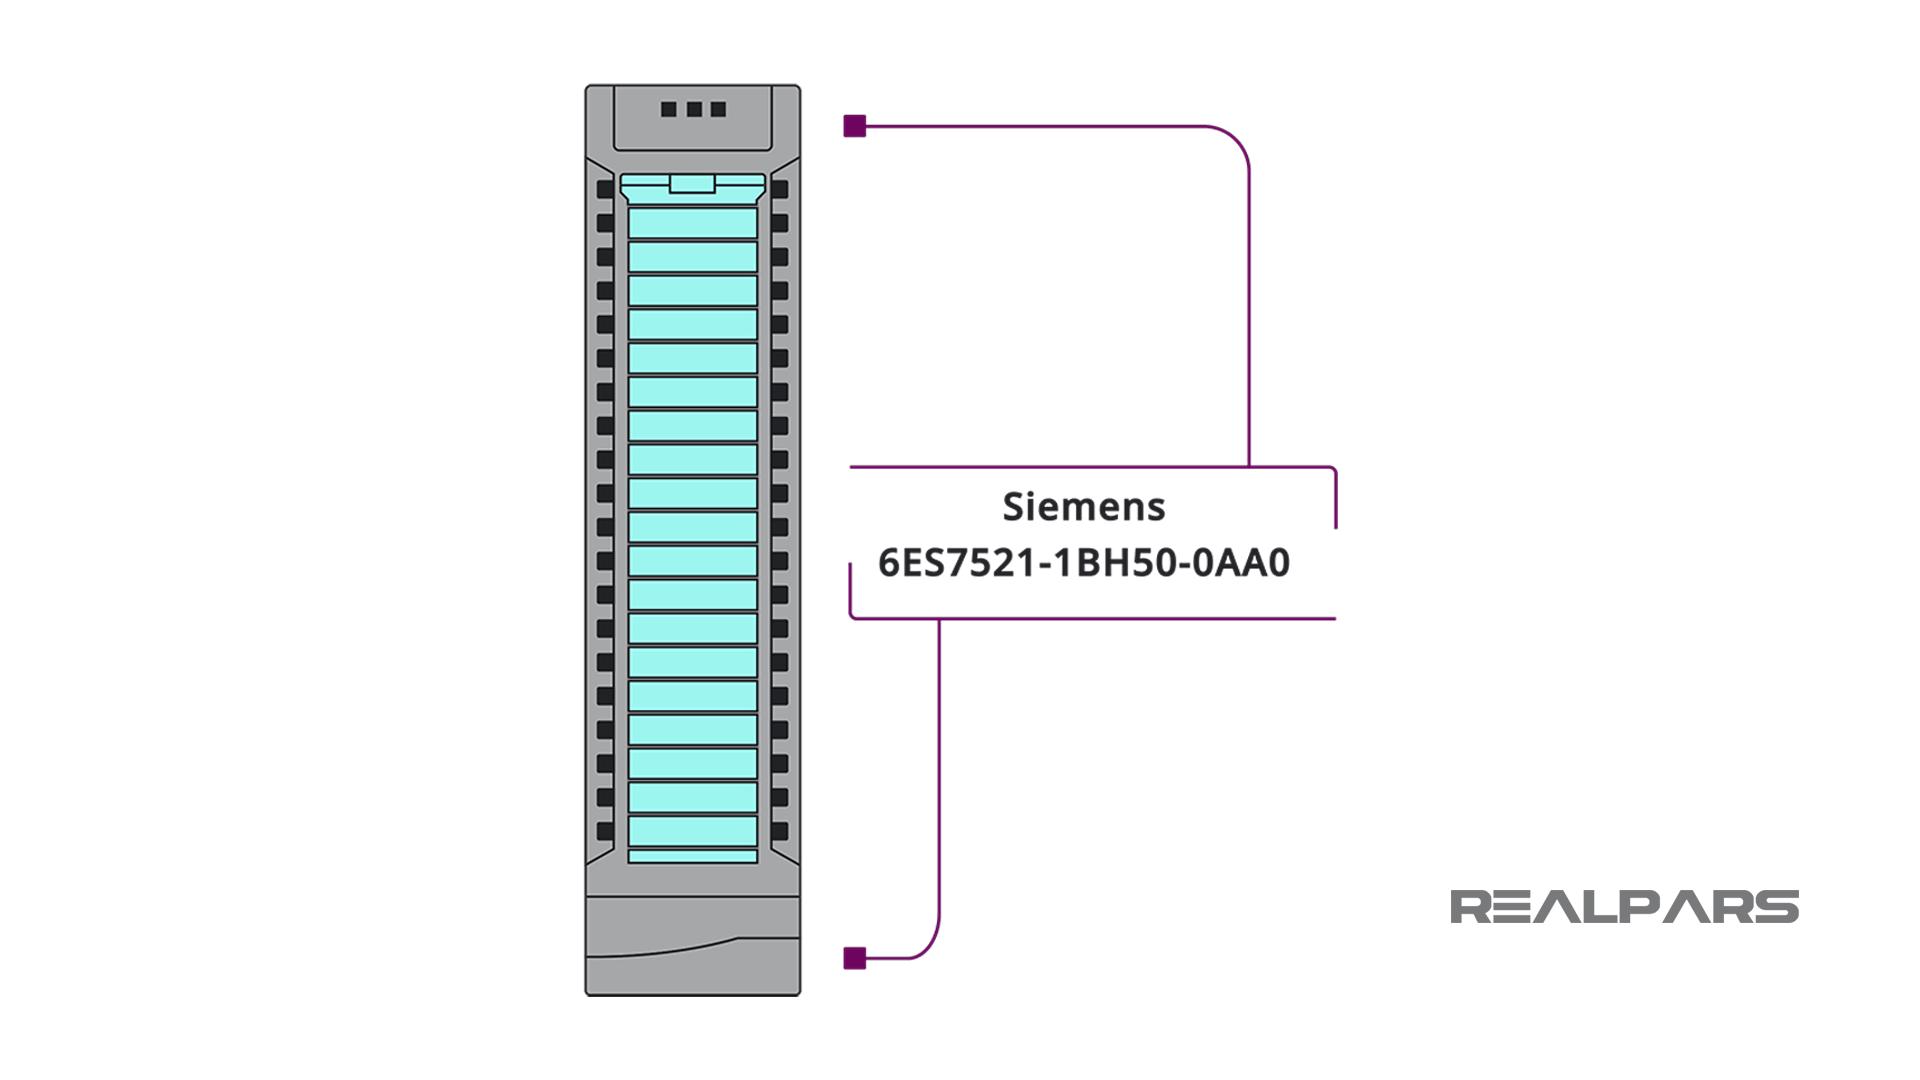 Siemens Digital Input module 6ES7521-1BH50-0AA0